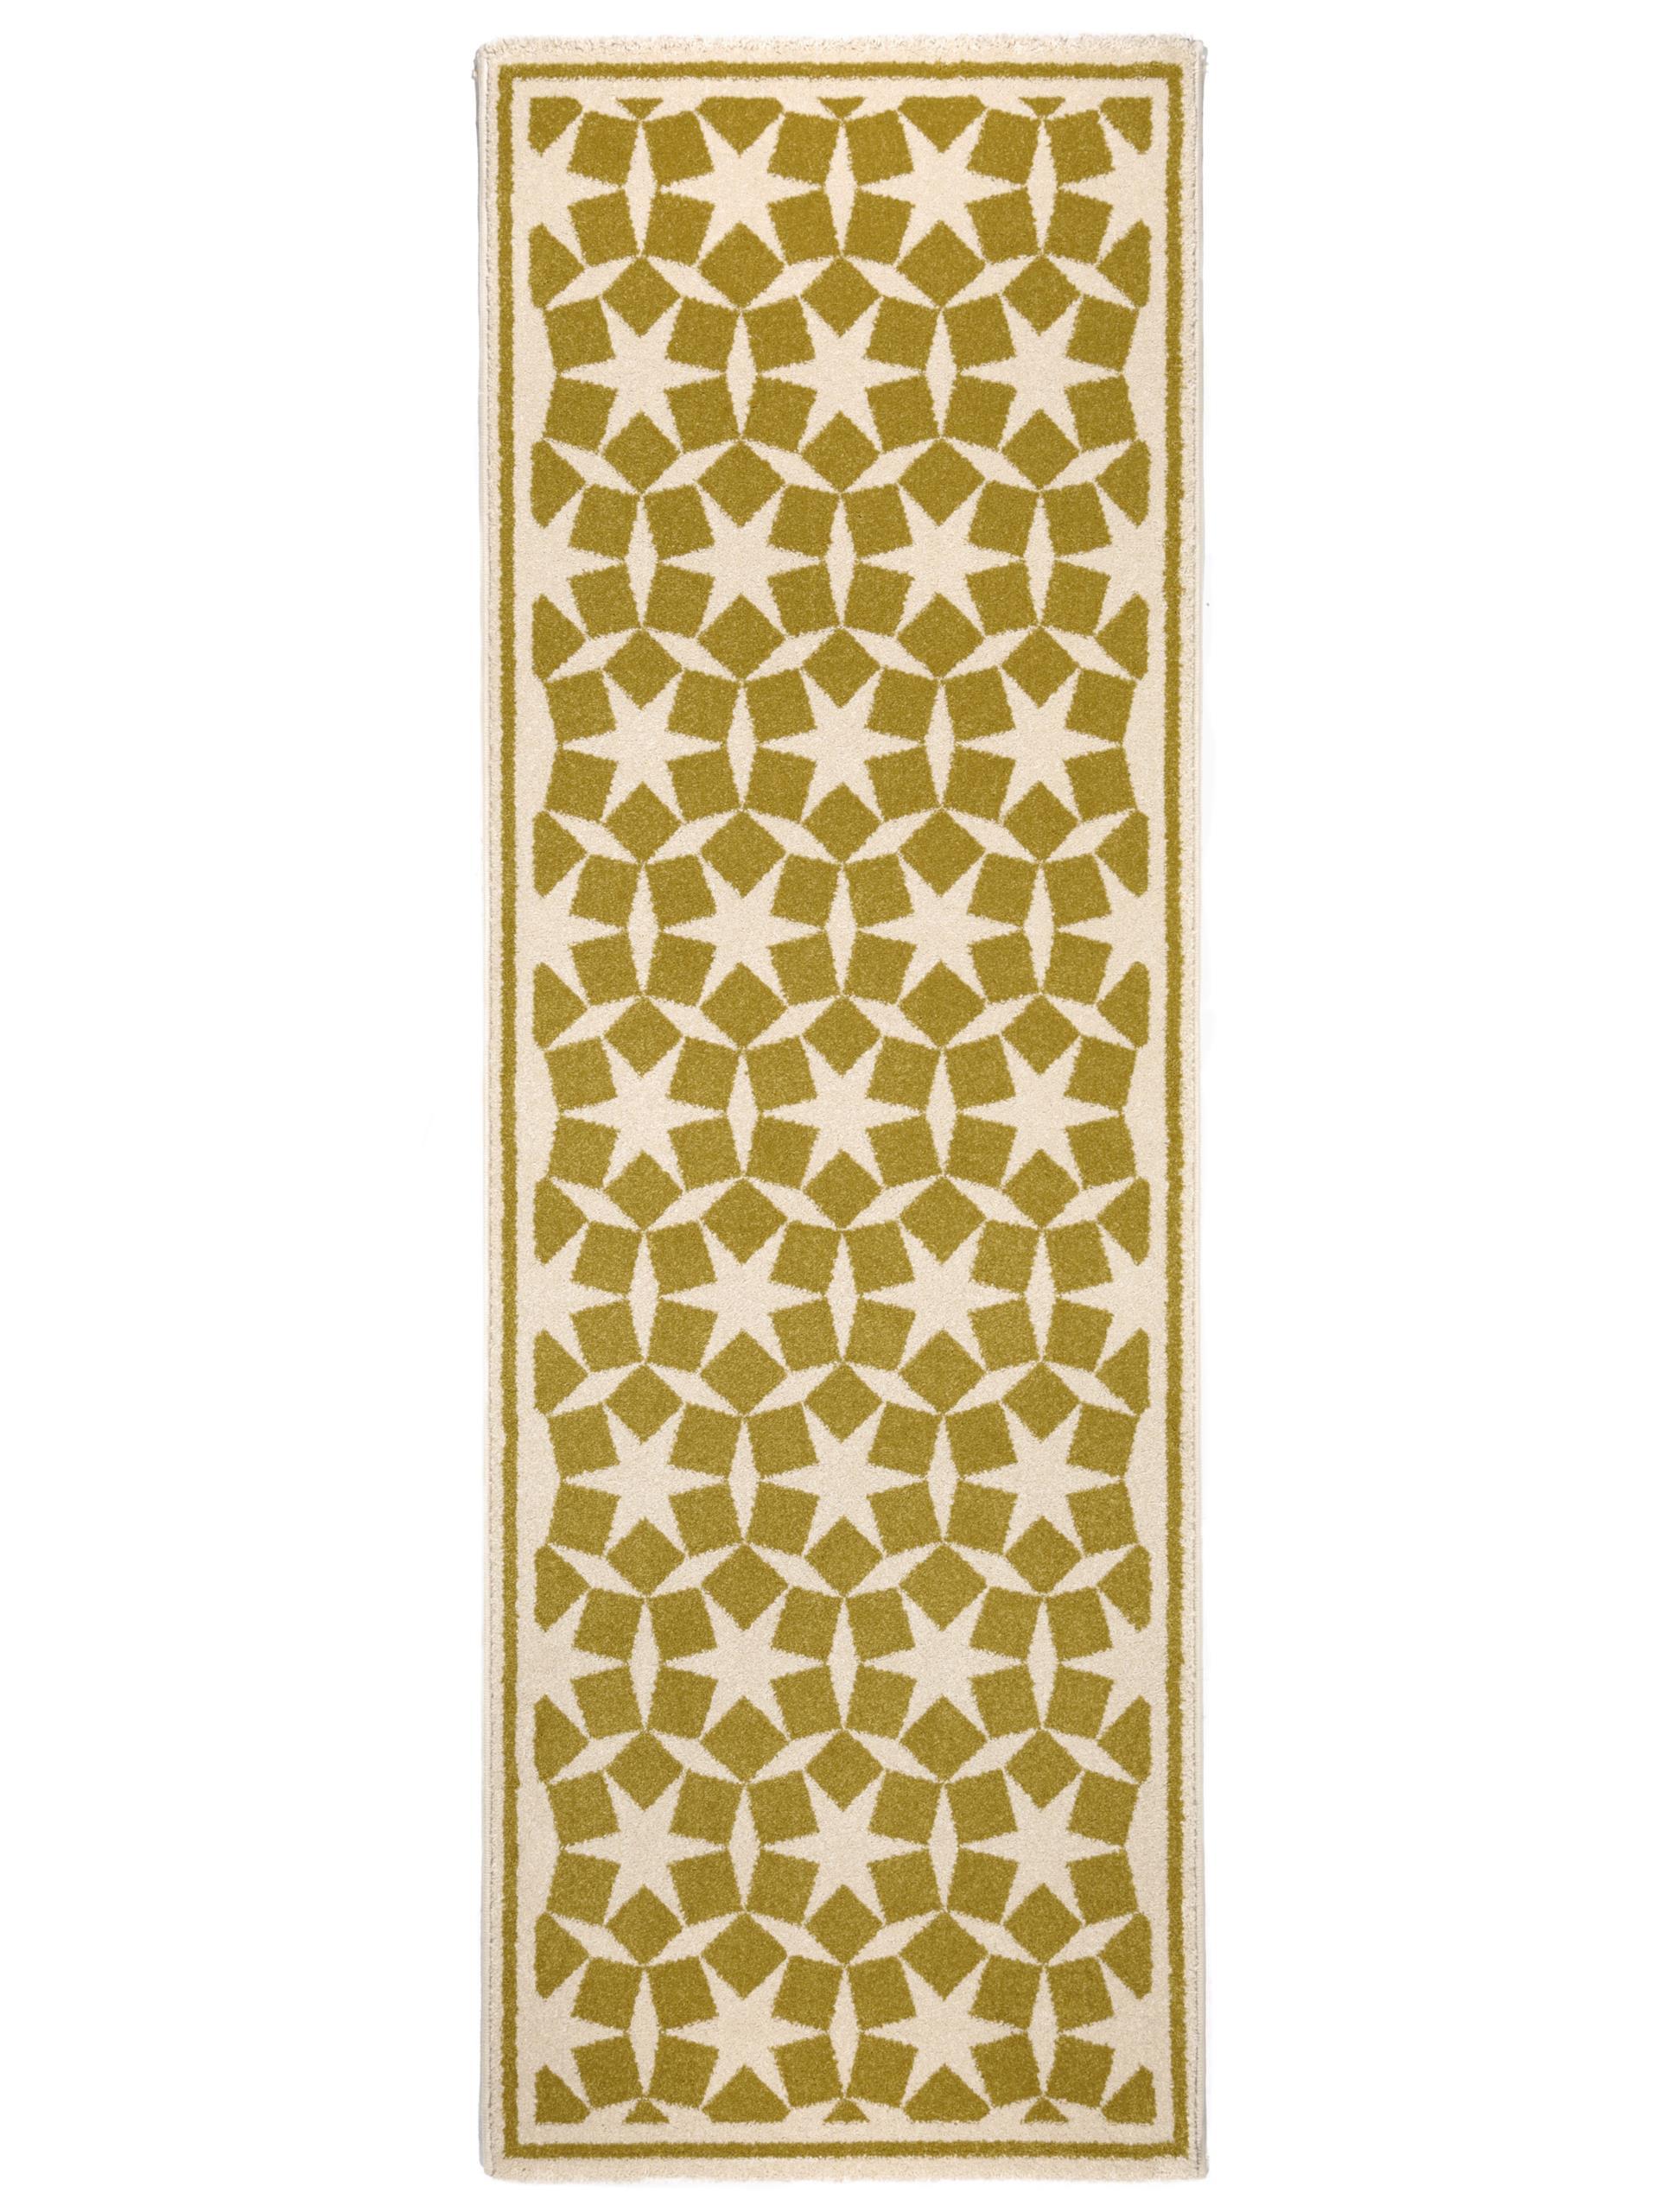 benuta teppich l ufer anis gelb 60002863 geometrisch sterne l ufer flur diele ebay. Black Bedroom Furniture Sets. Home Design Ideas